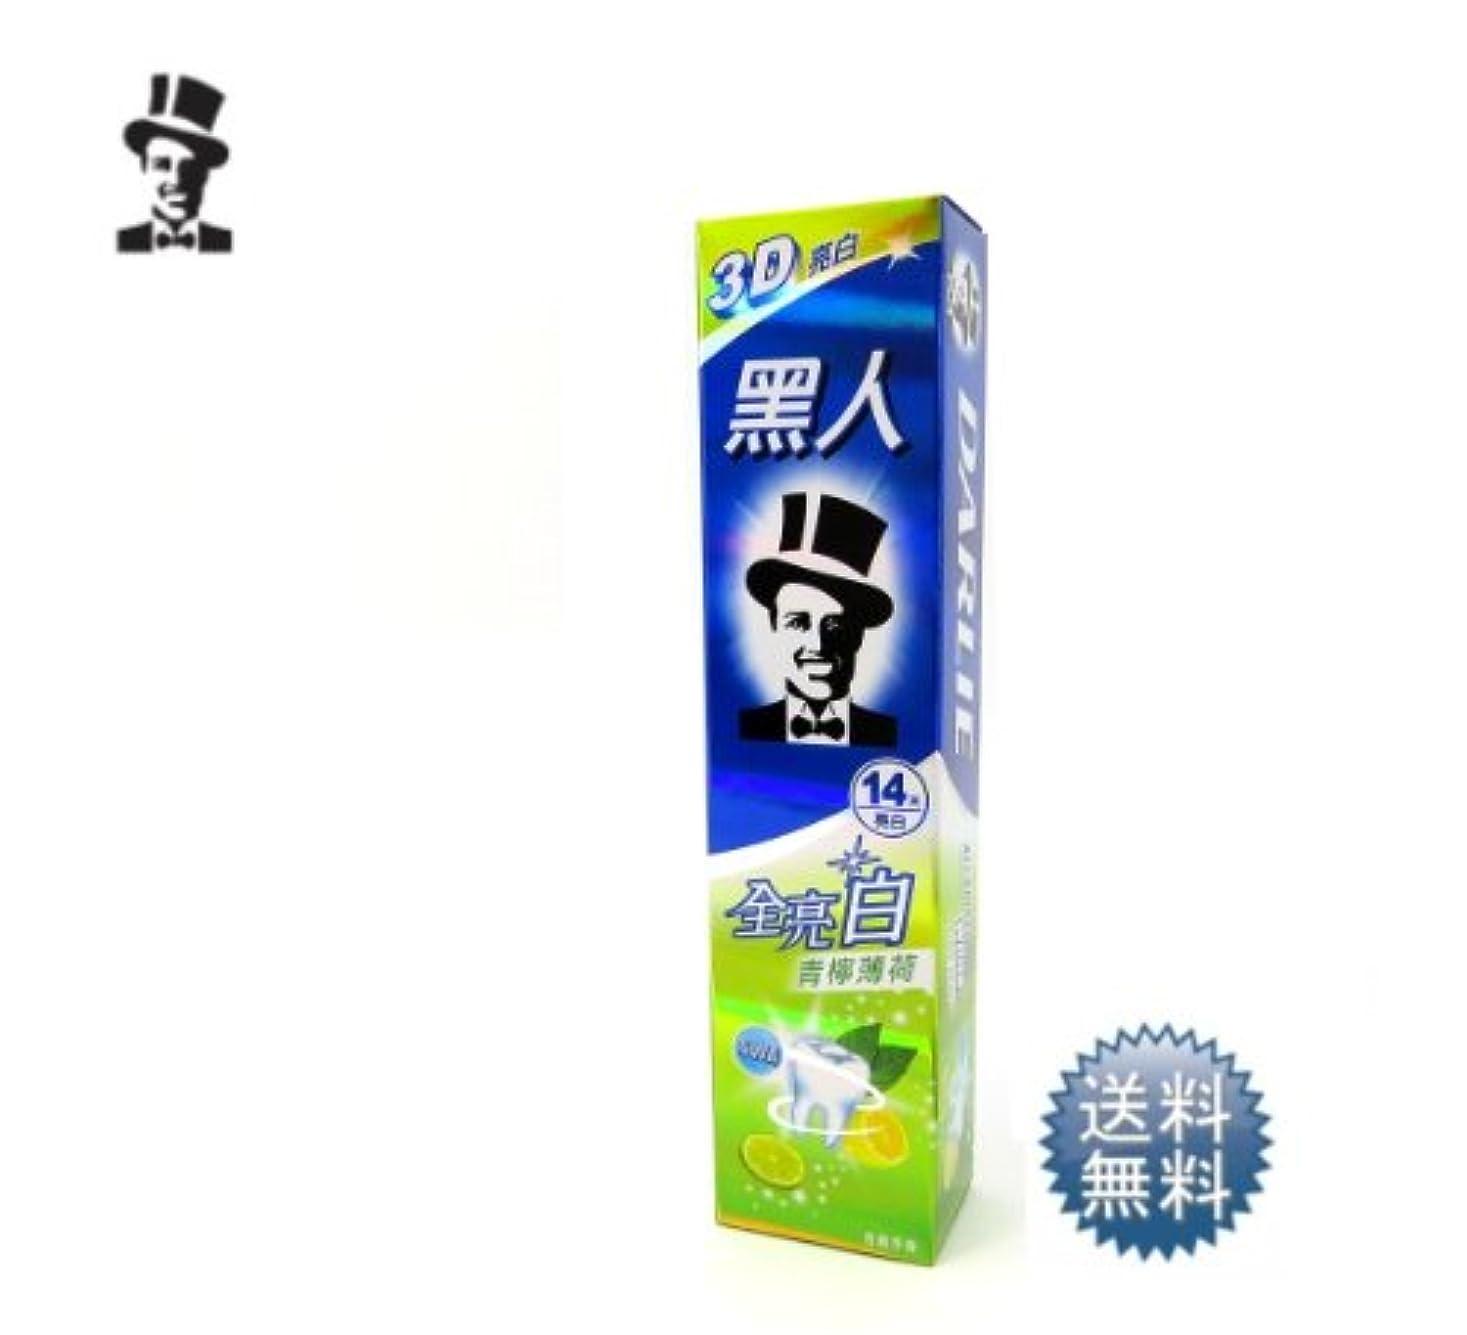 重力海軍確かに台湾 黒人 歯磨き 全亮白 青檸薄荷 140g